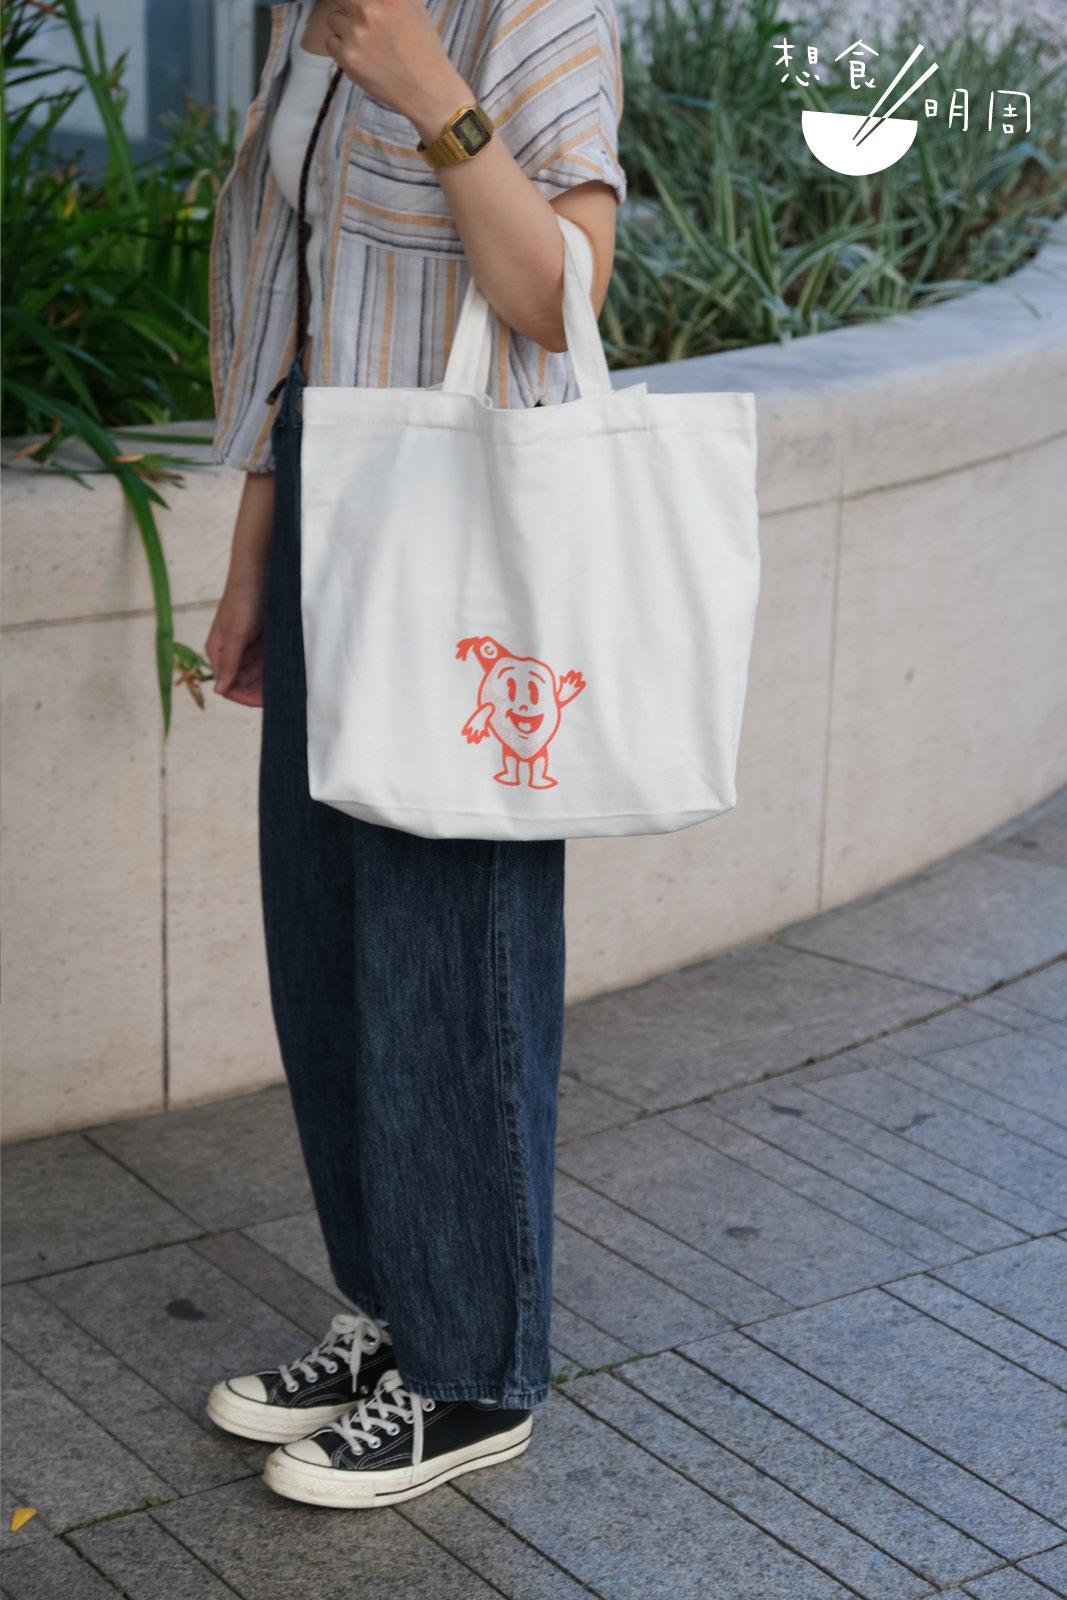 環保袋採用橫向袋型,手提時也好看!($88)